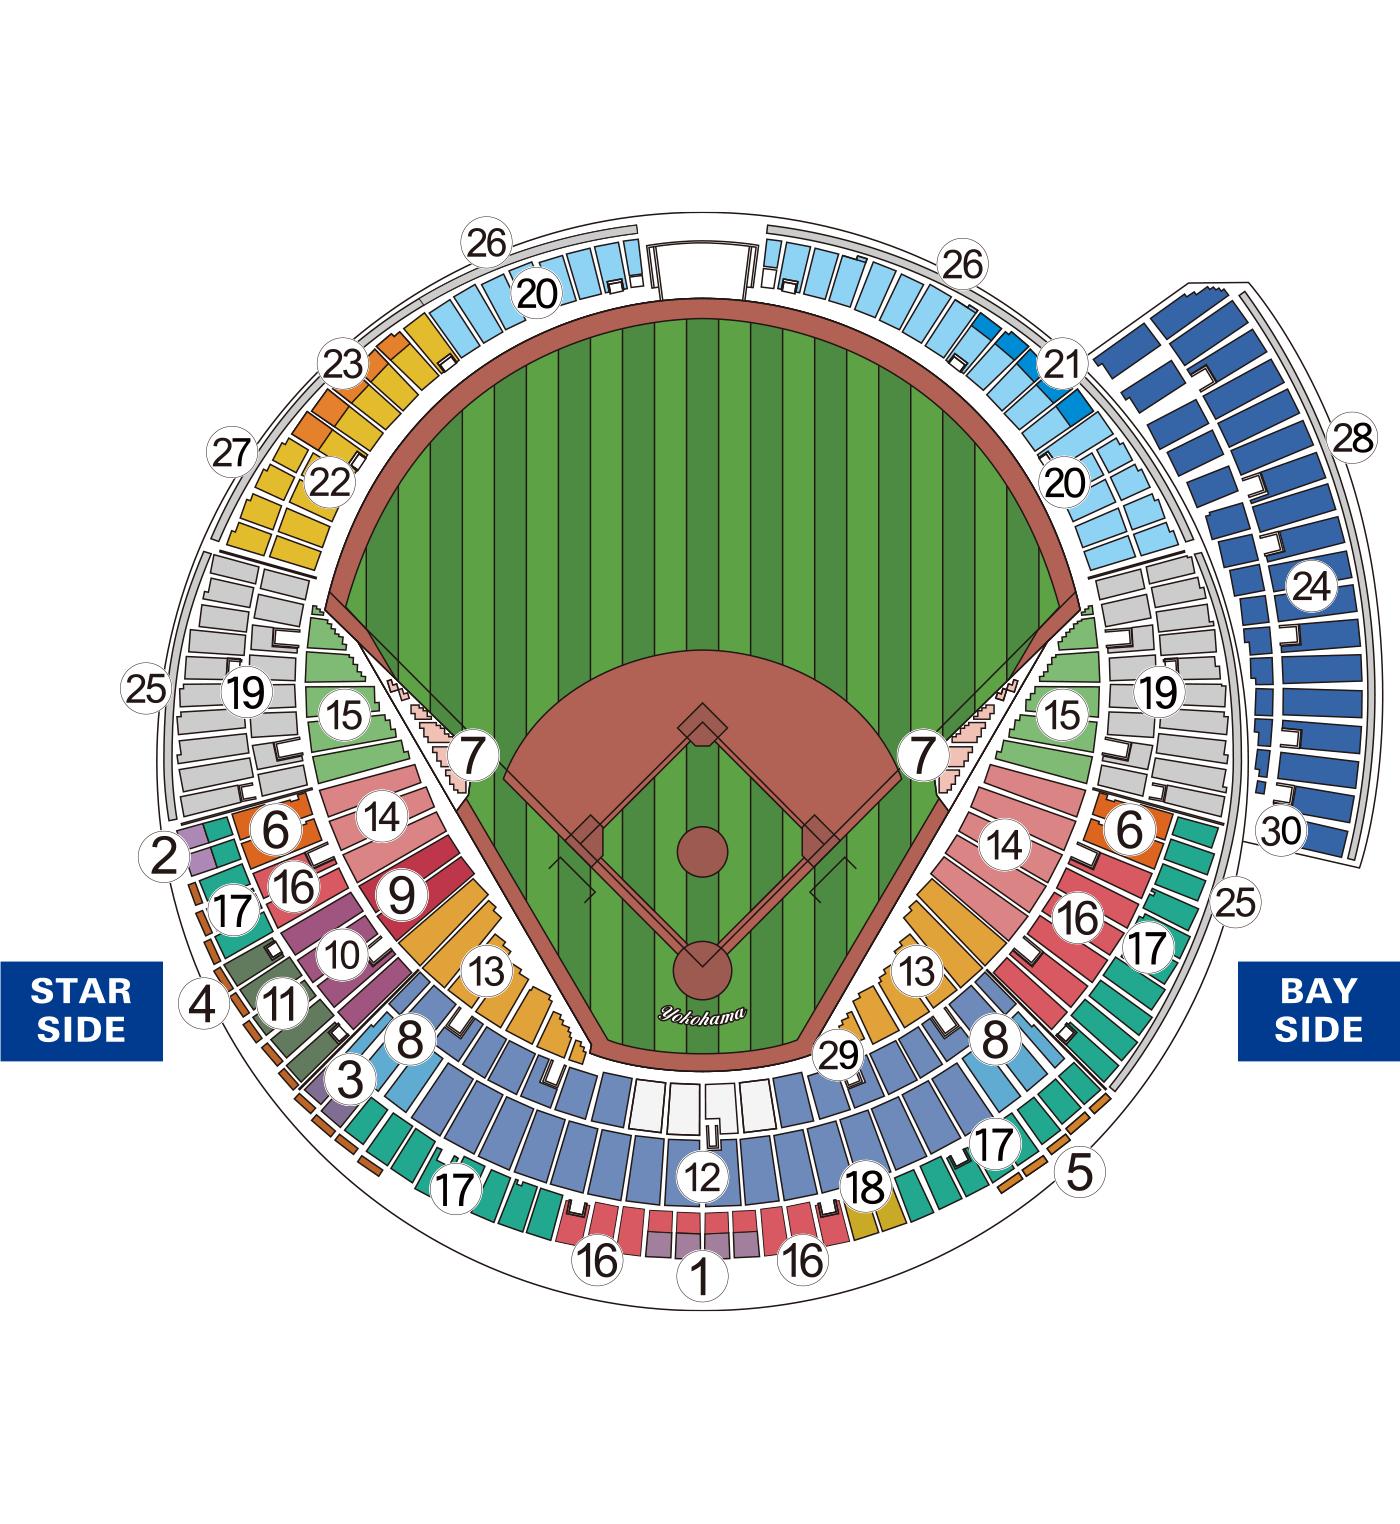 オープン戦座席図 M